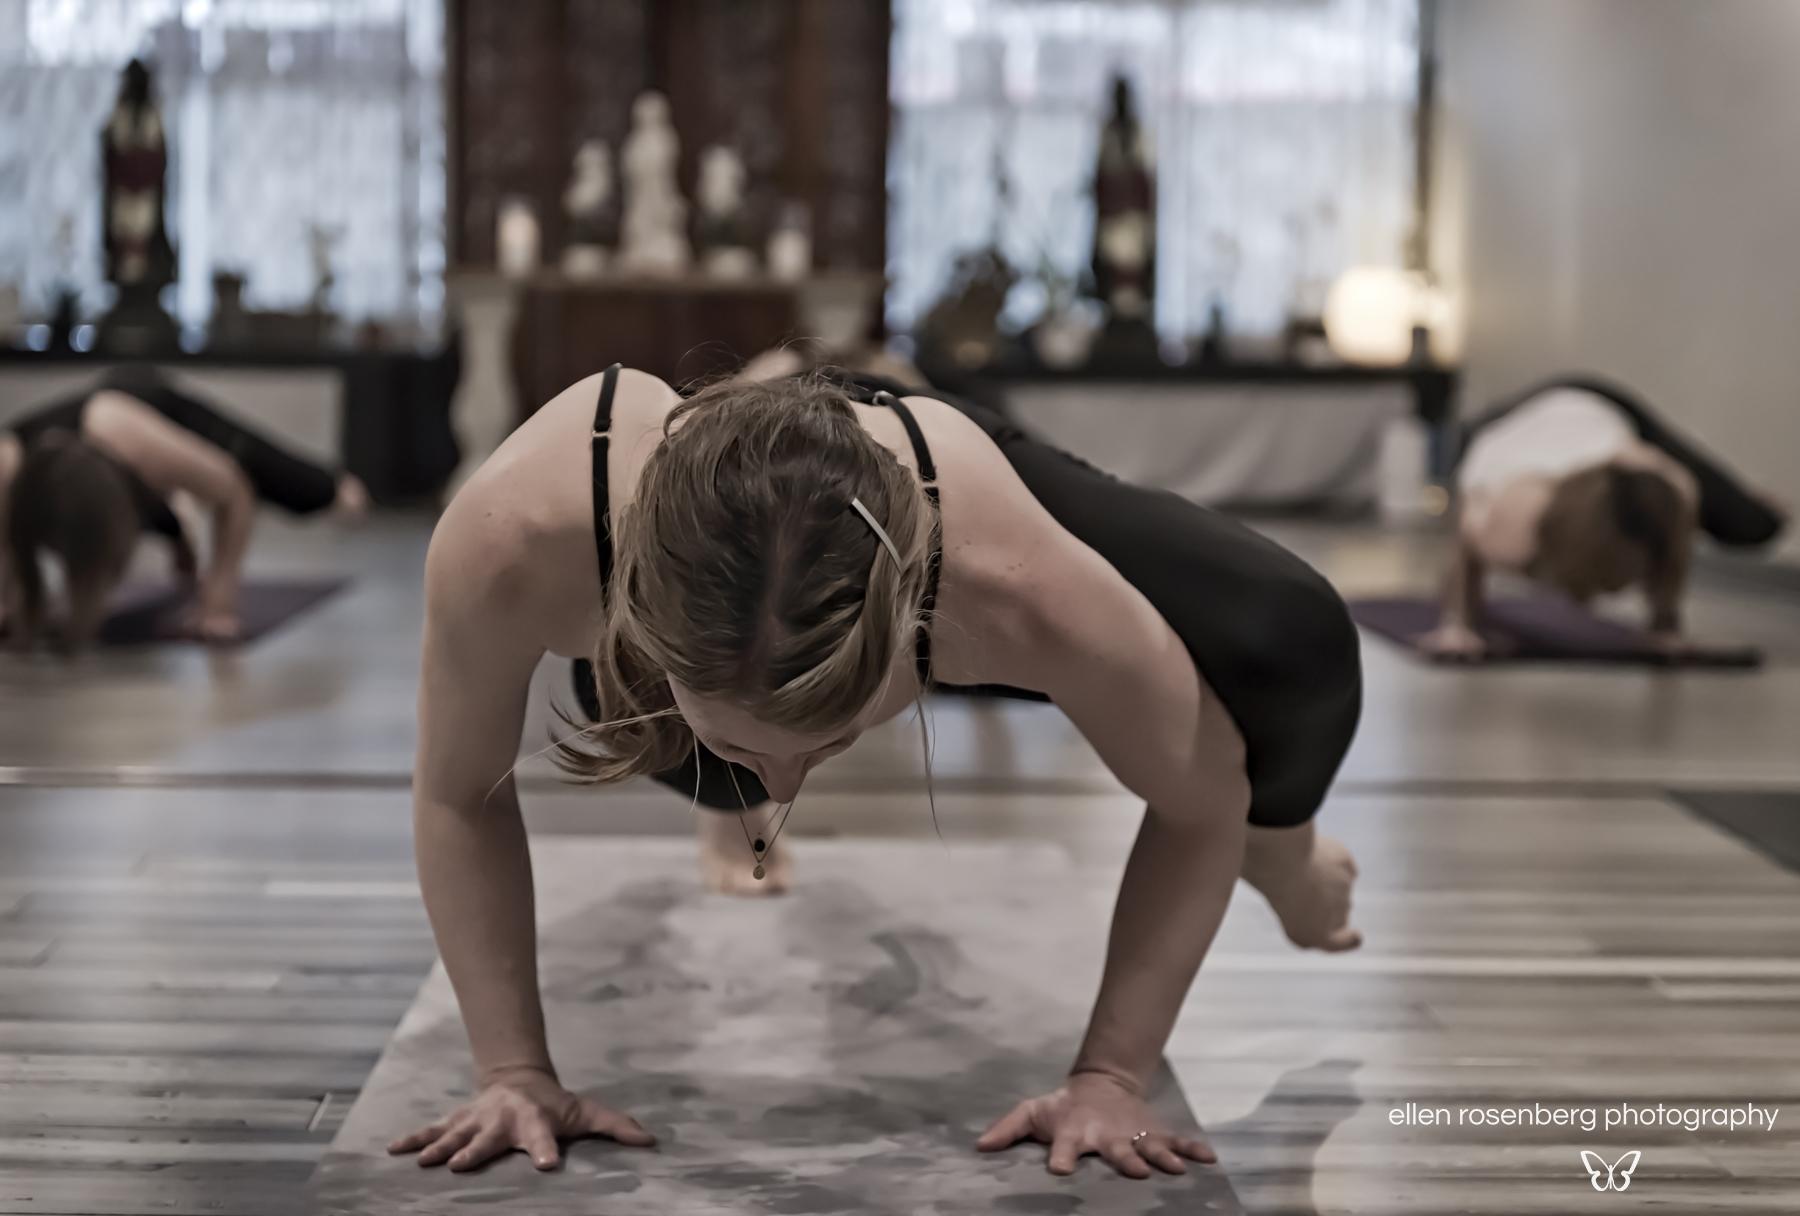 YogaFeb2018 068YogaFeb2018 068w.jpg